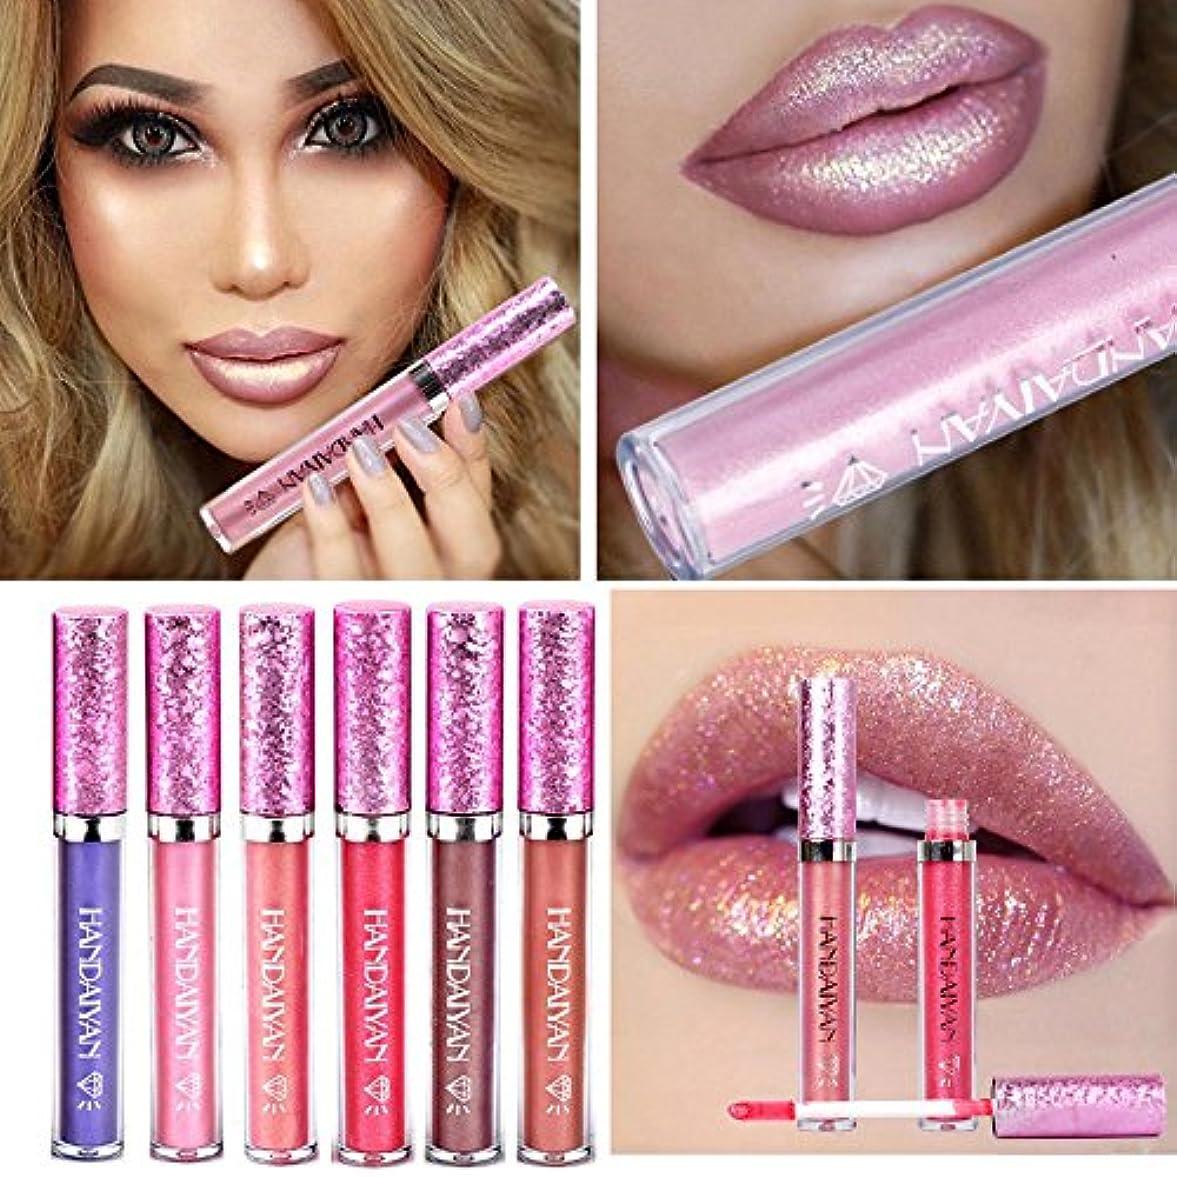 振動させる検出お客様HANDAIYAN Liquid Pearly Glitter Lipsticks Set - 6 pcs Long Lasting Nonstick Lip Gloss Mermaid Waterproof Lipstick...